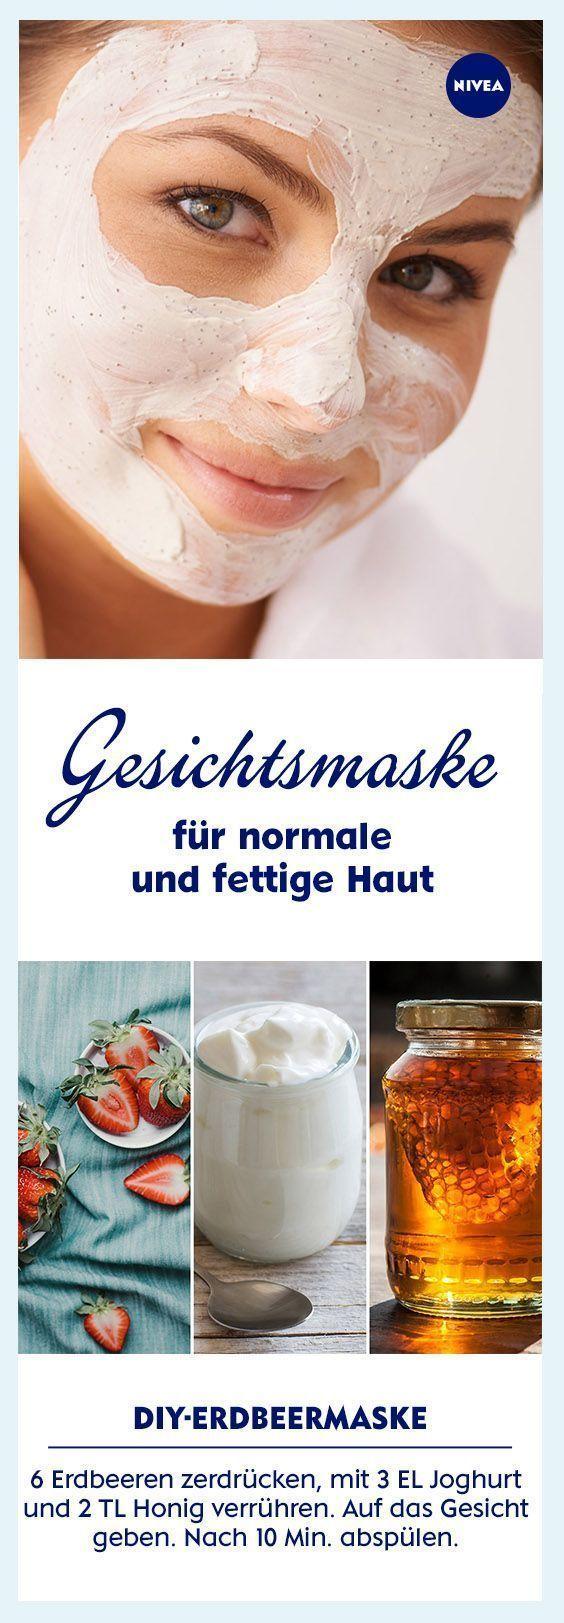 #auftragen #Erdbeeren #Gesichtsmaske #Honig #Joghurt